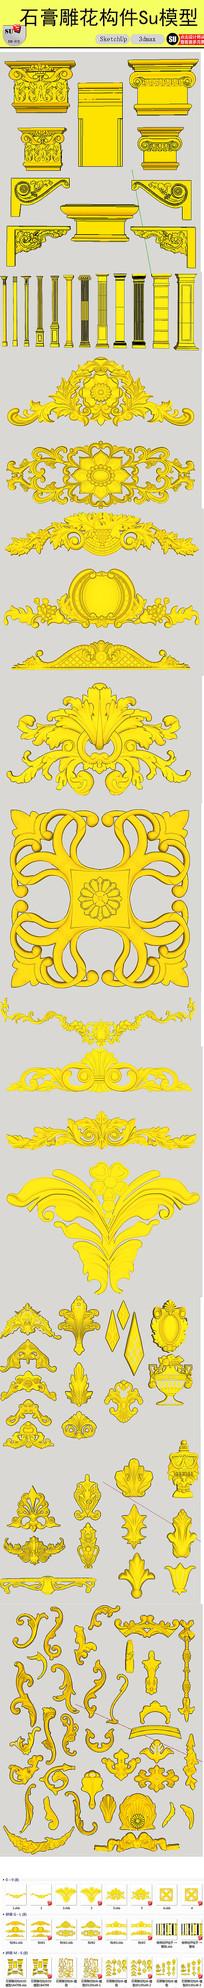 欧式法式构件雕花模型